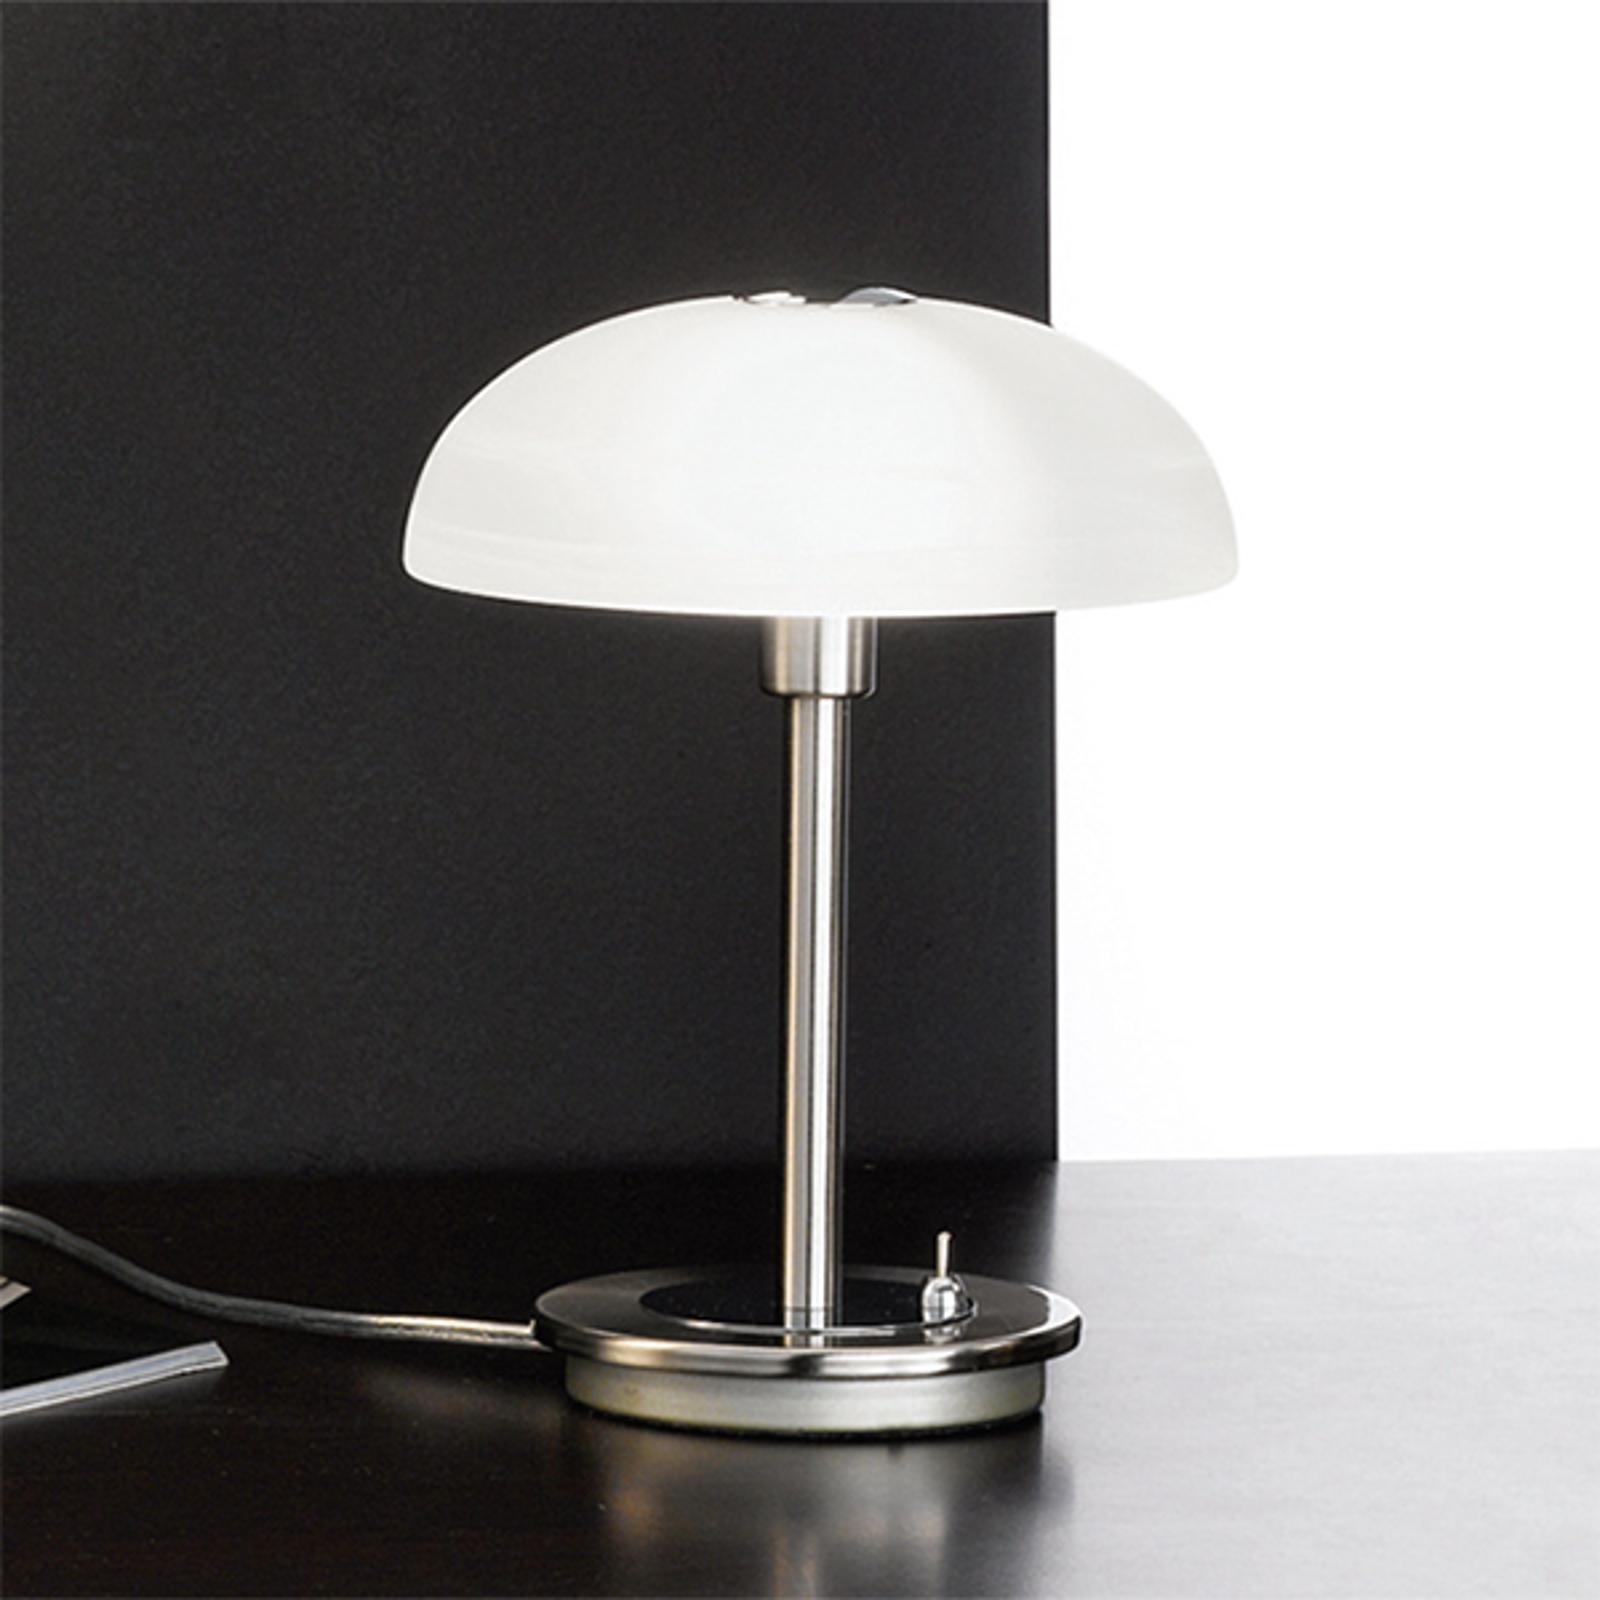 Timon - tafellamp met voetschakelaar, mat nikkel